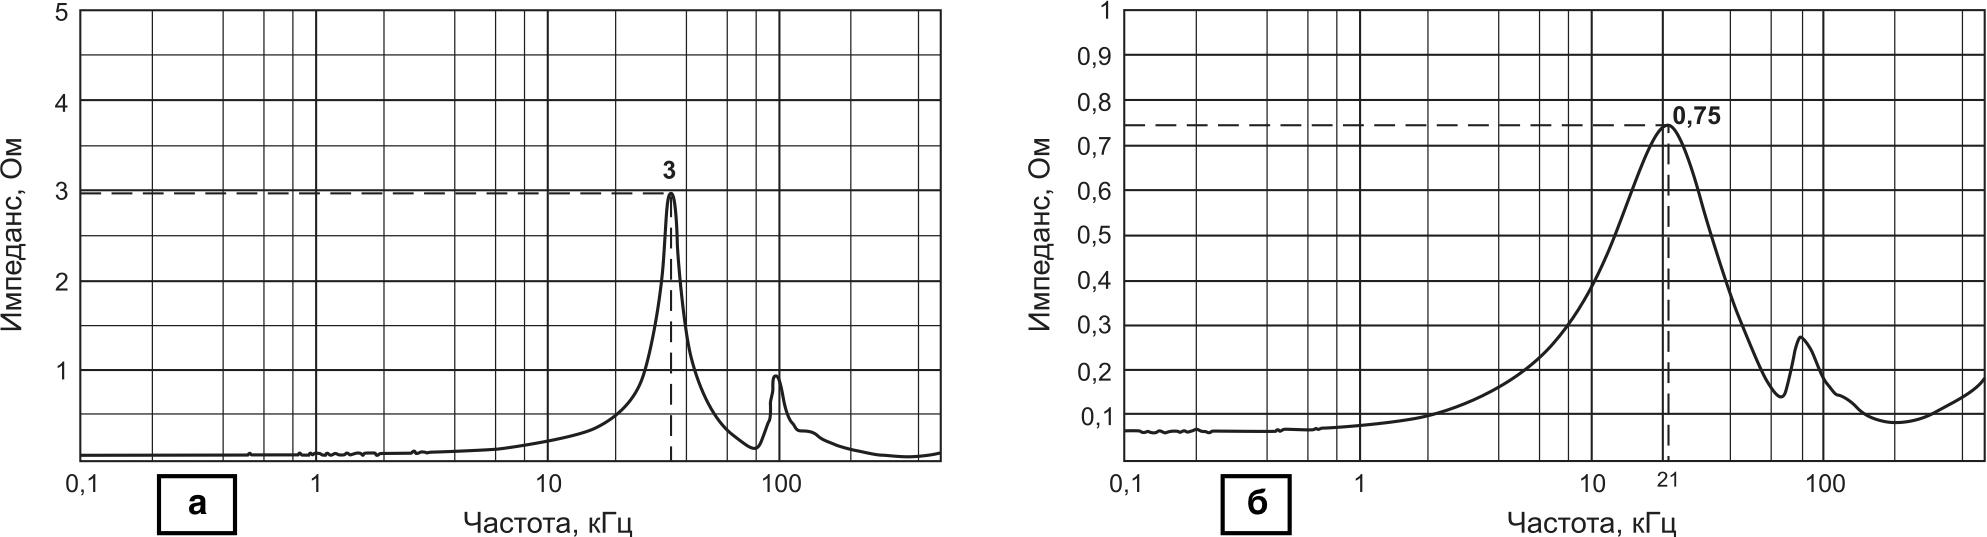 Зависимость выходного импеданса фильтра от частоты: а) для ранее разработанного фильтра FME28-461; б) для нового фильтра FMCE-1528